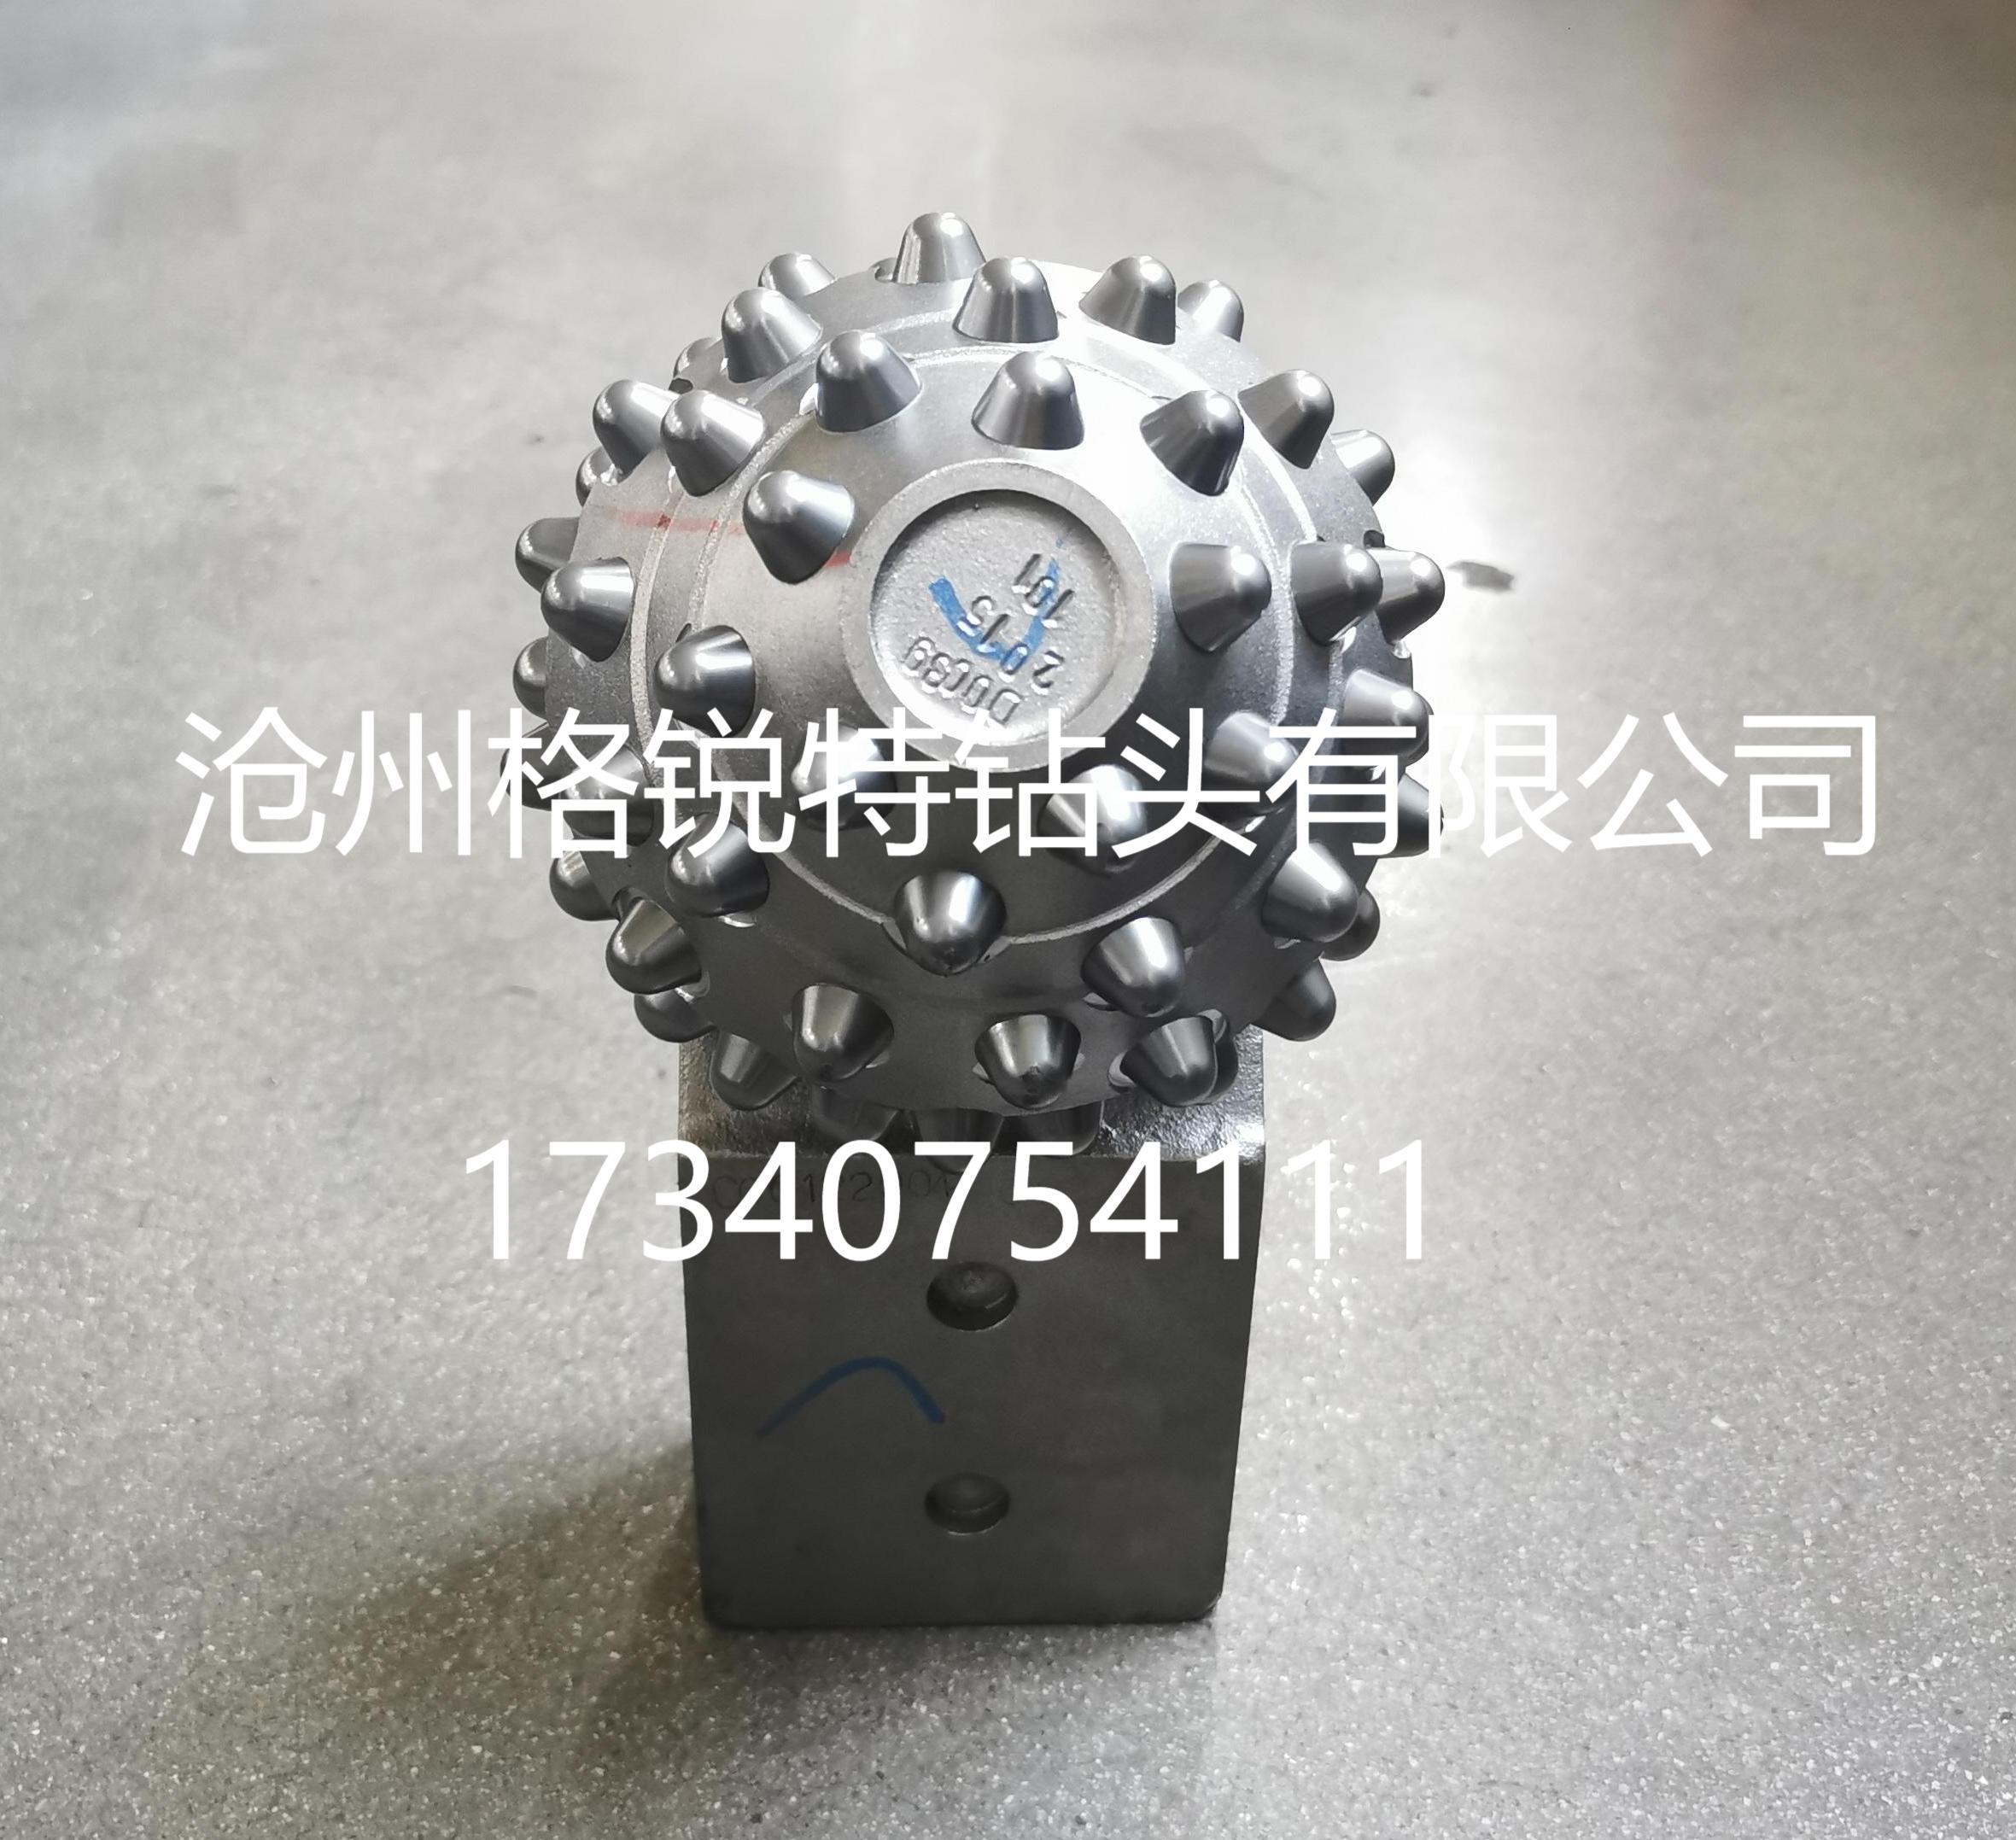 供应8 1/2旋挖牙轮掌片 格锐特专业生产厂家